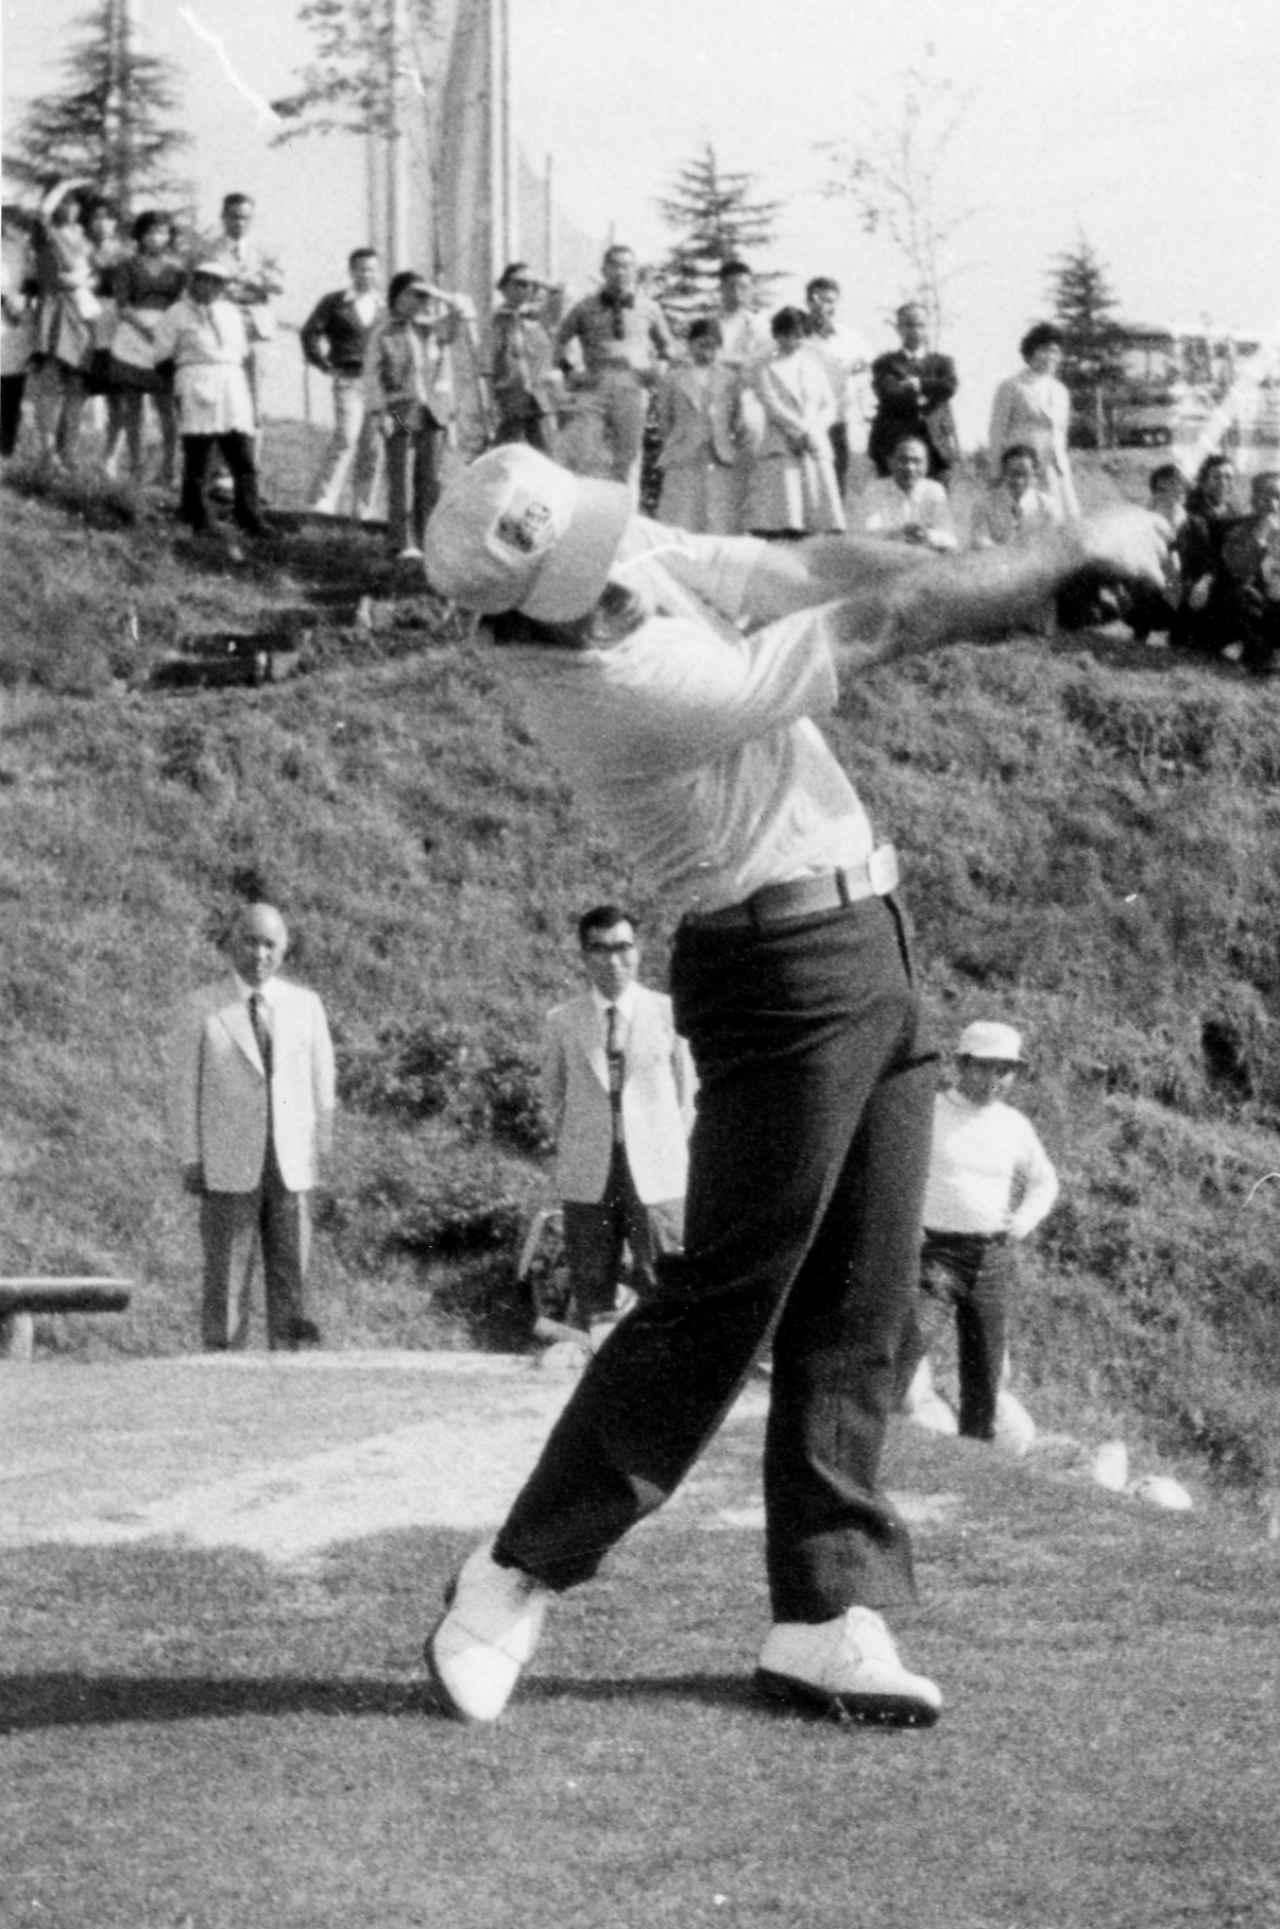 画像6: 【南アのゴルフ遺伝子Vol.2】ゲーリー・プレーヤーに学ぶこと